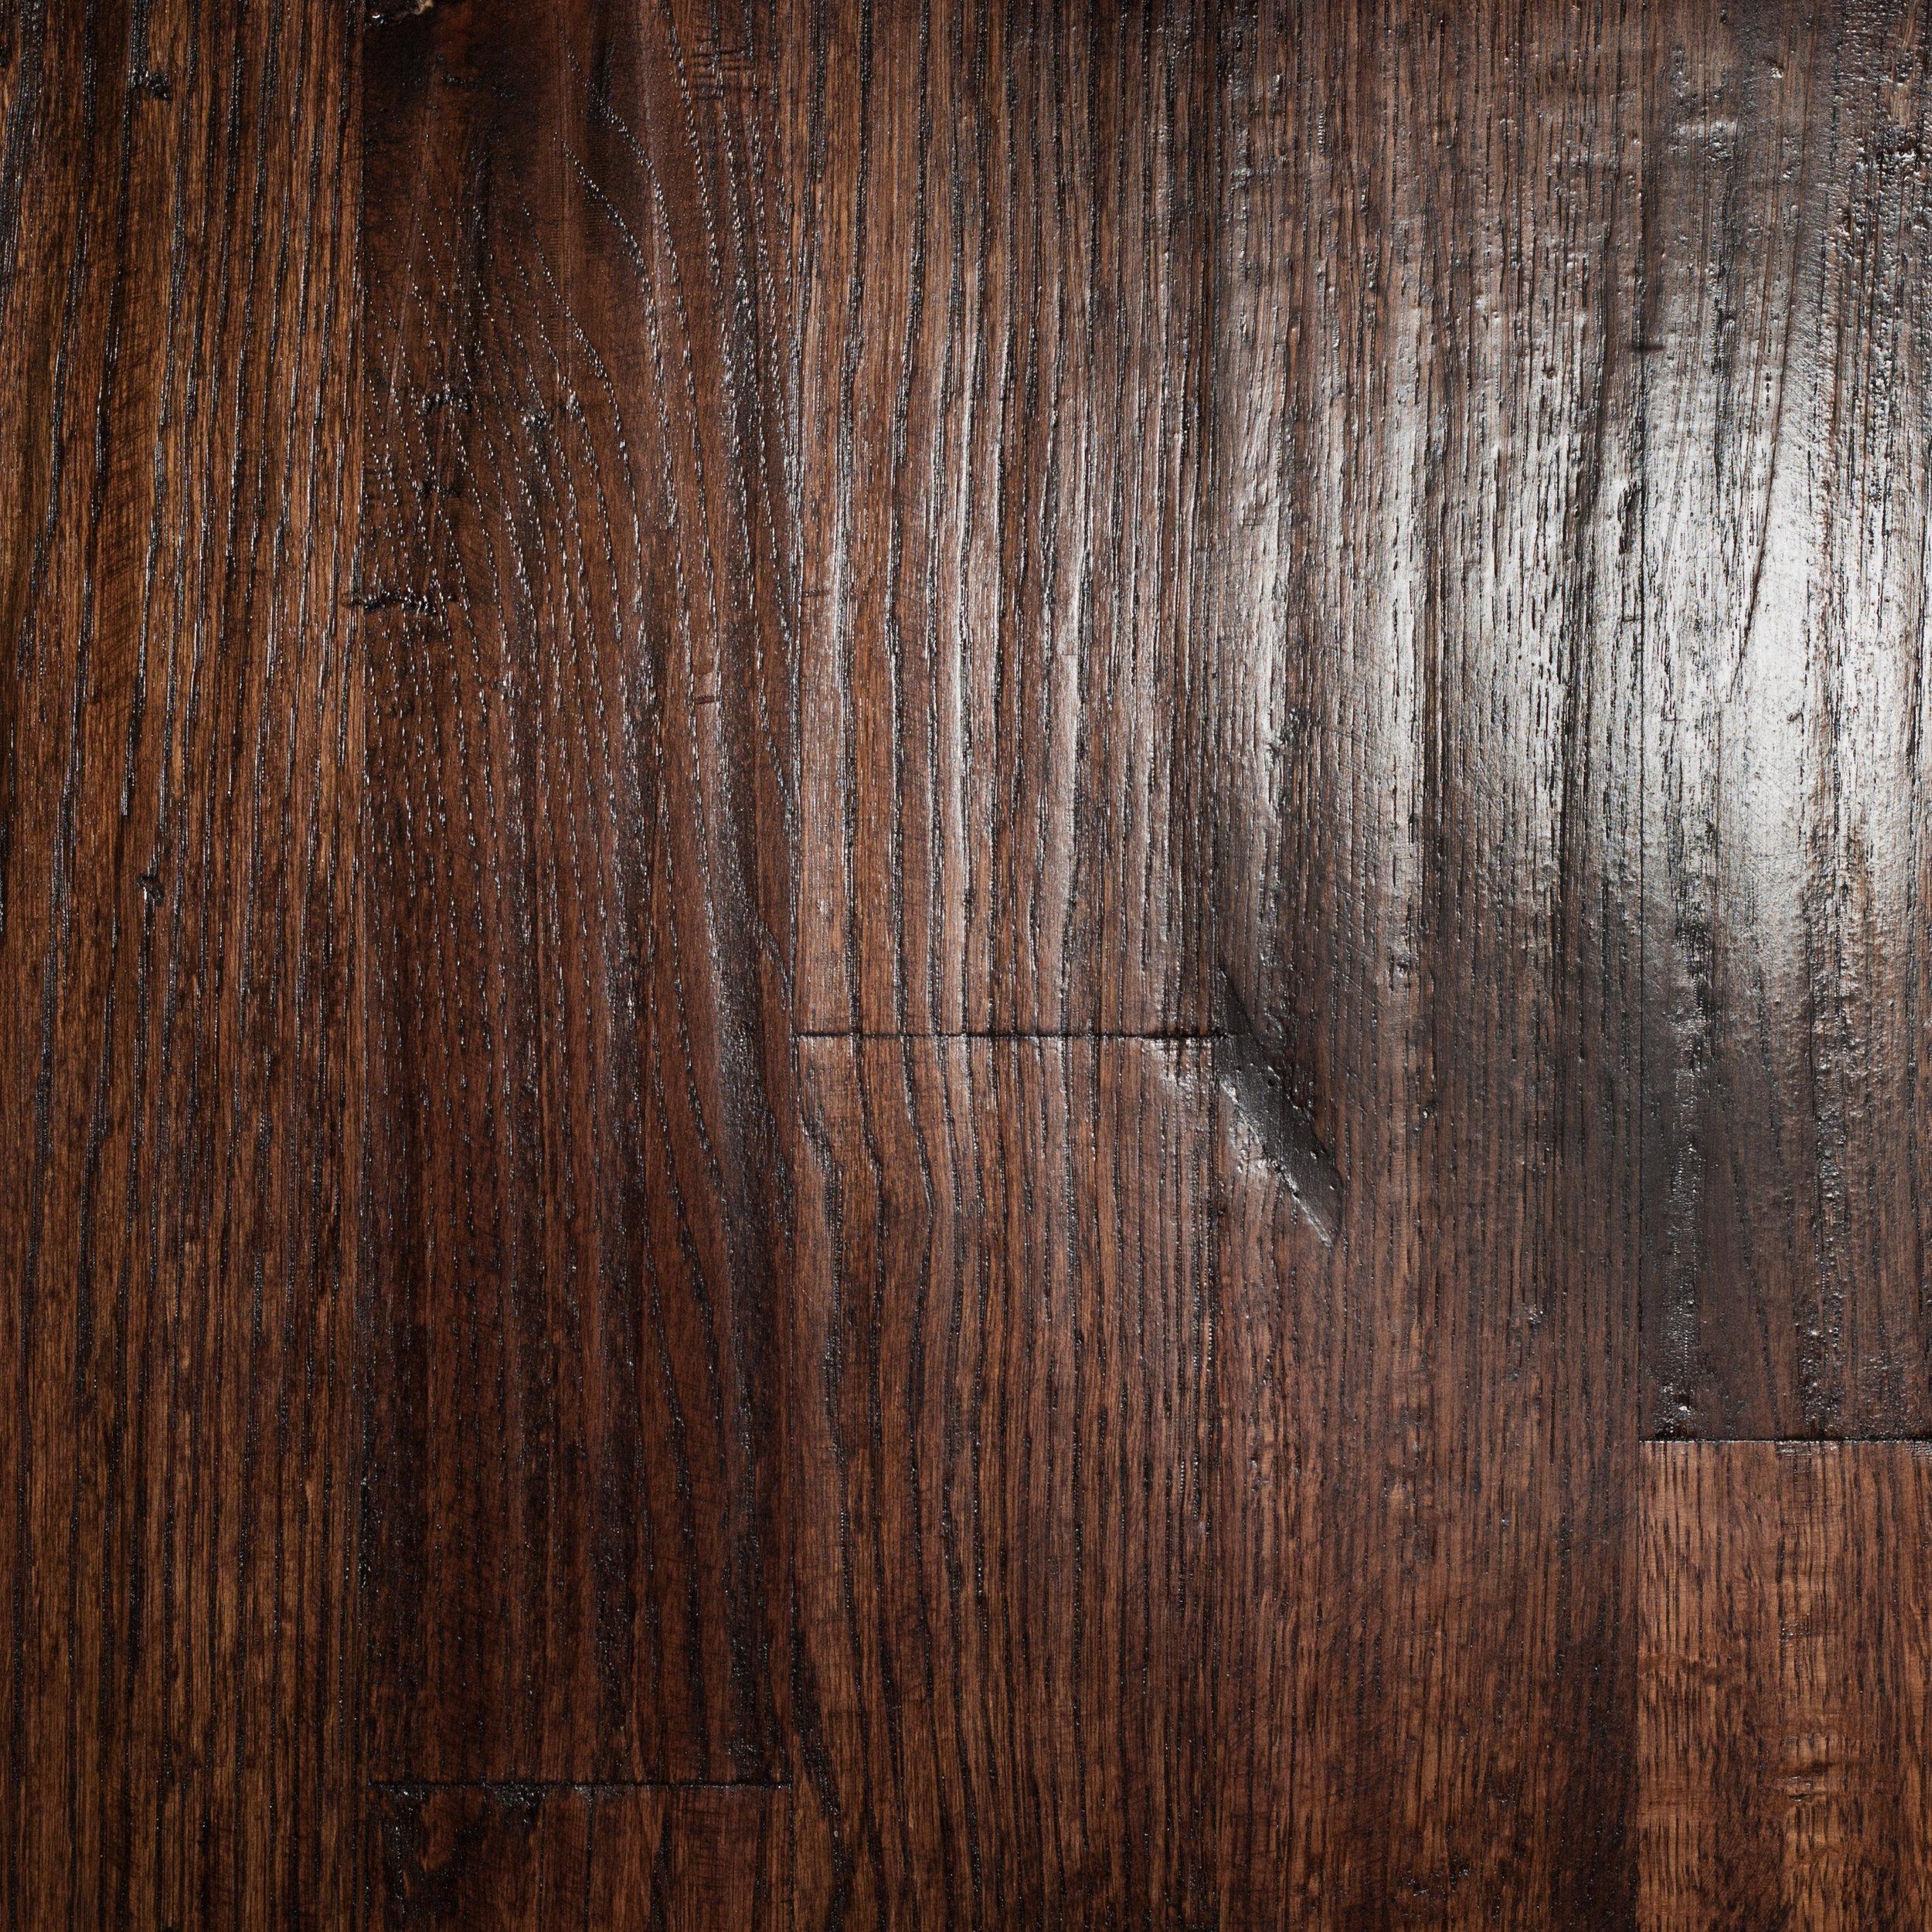 Red Oak #3 Royal Mahogany/Ebony